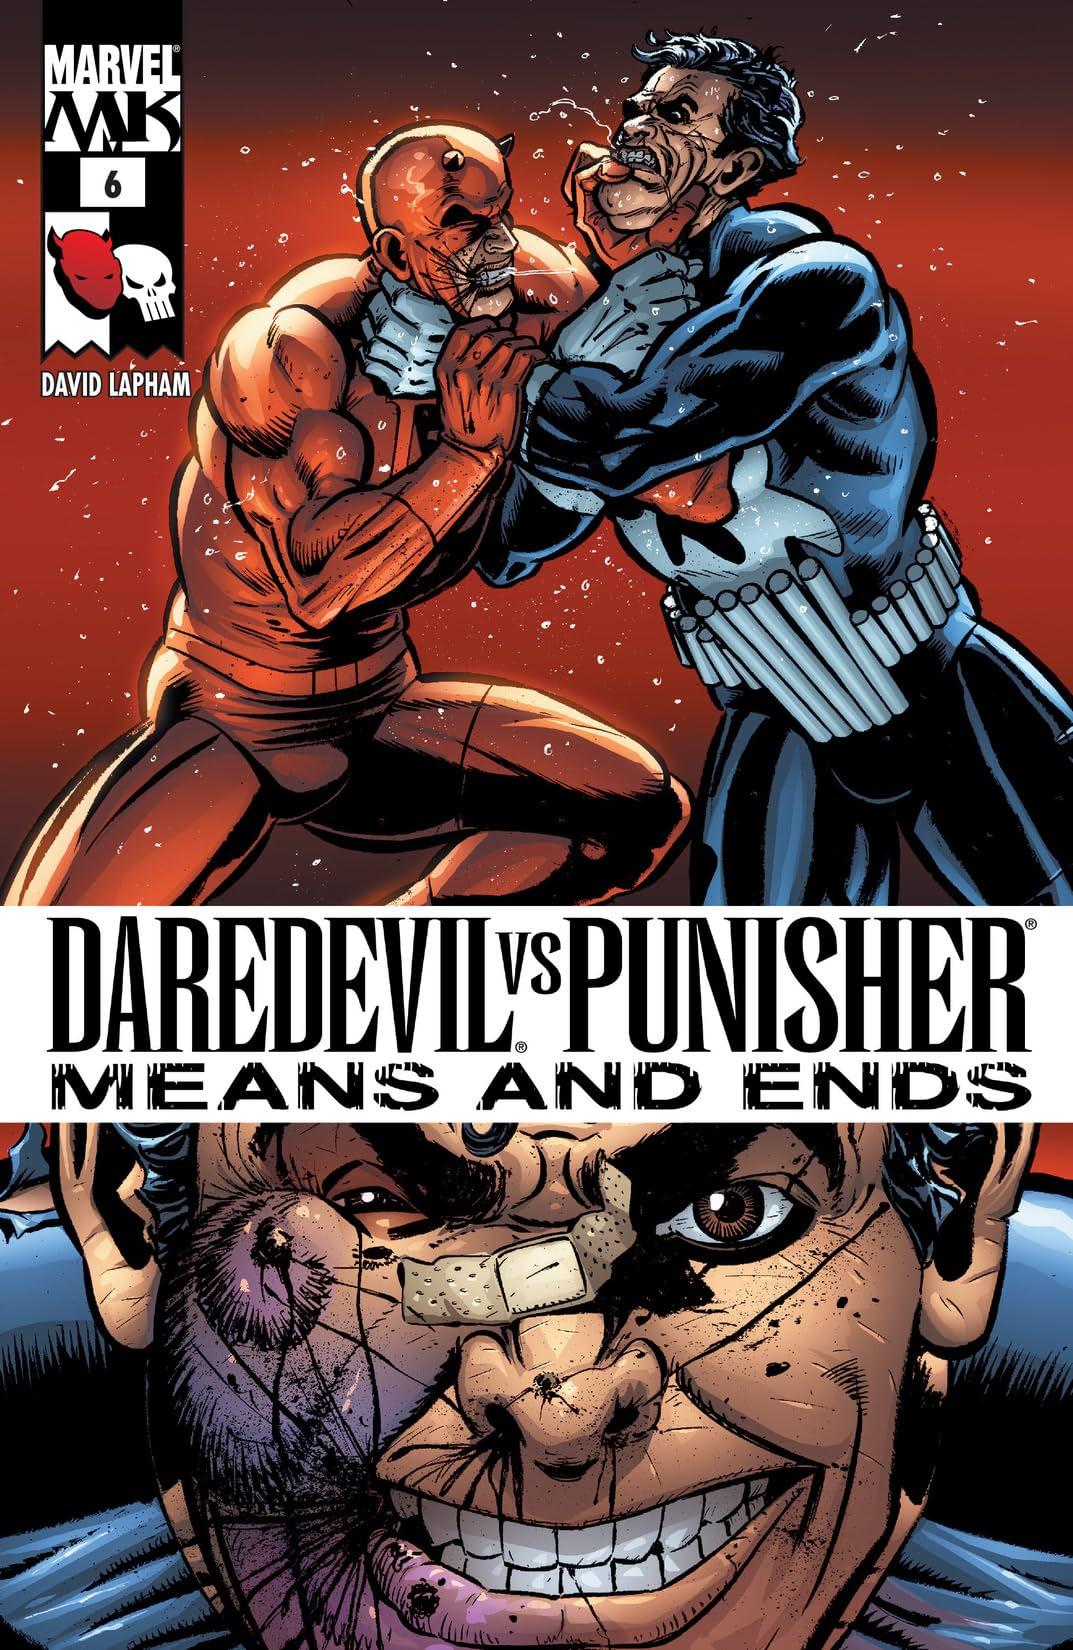 Daredevil vs. Punisher (2005) #6 (of 6)